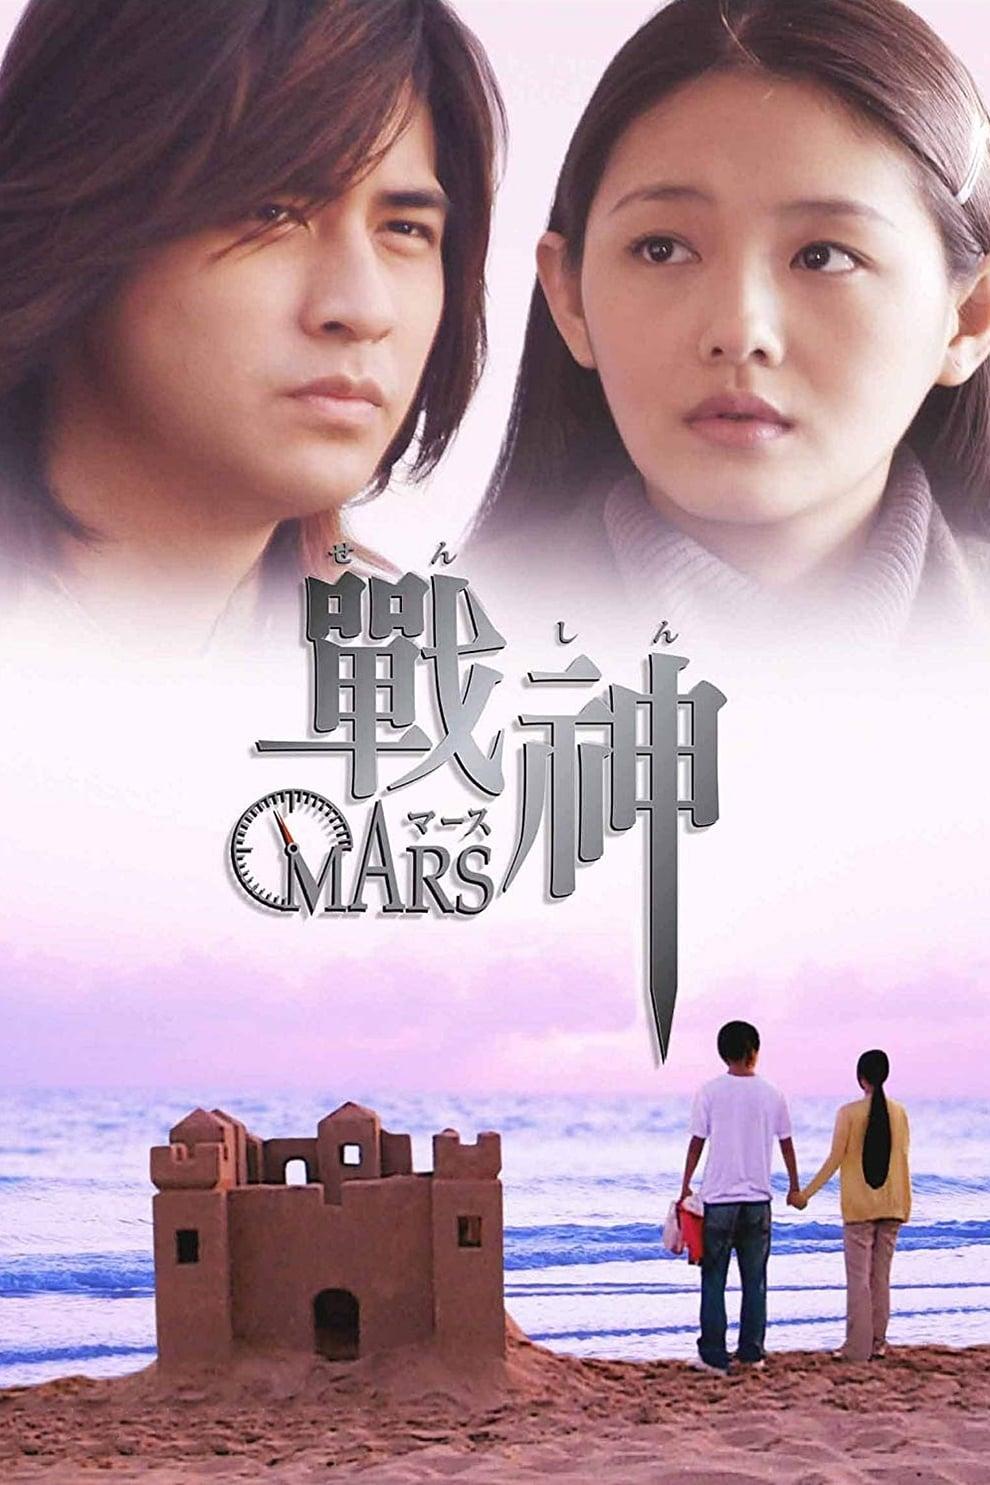 Mars (2004)